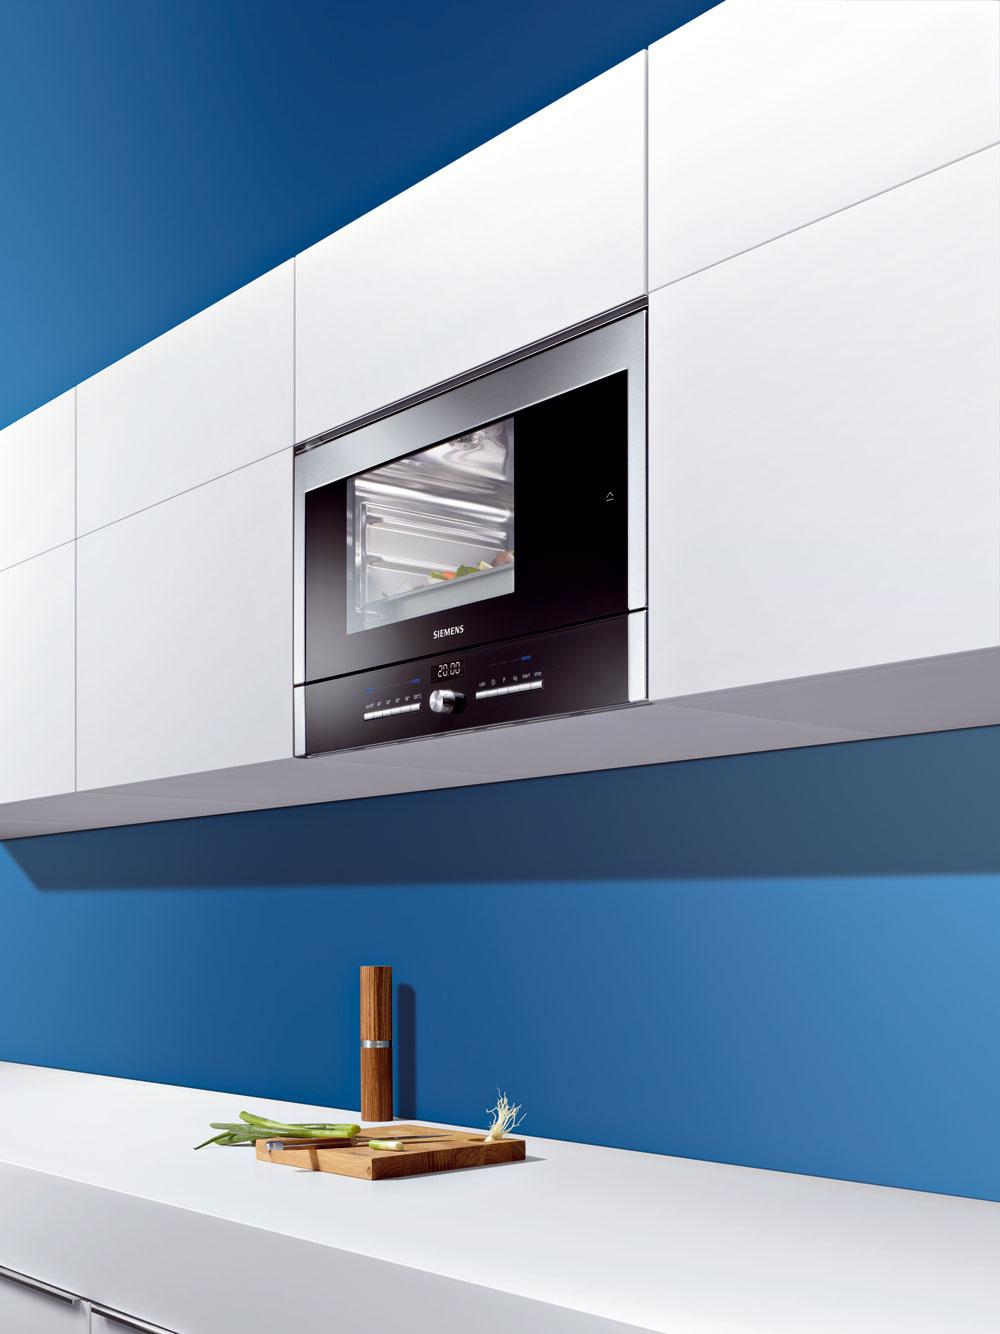 Parná rúra Siemens do horných skriniek vhodná do malých bytov (srozmermi ako mikrovlnka asbočným otváraním), 809 €